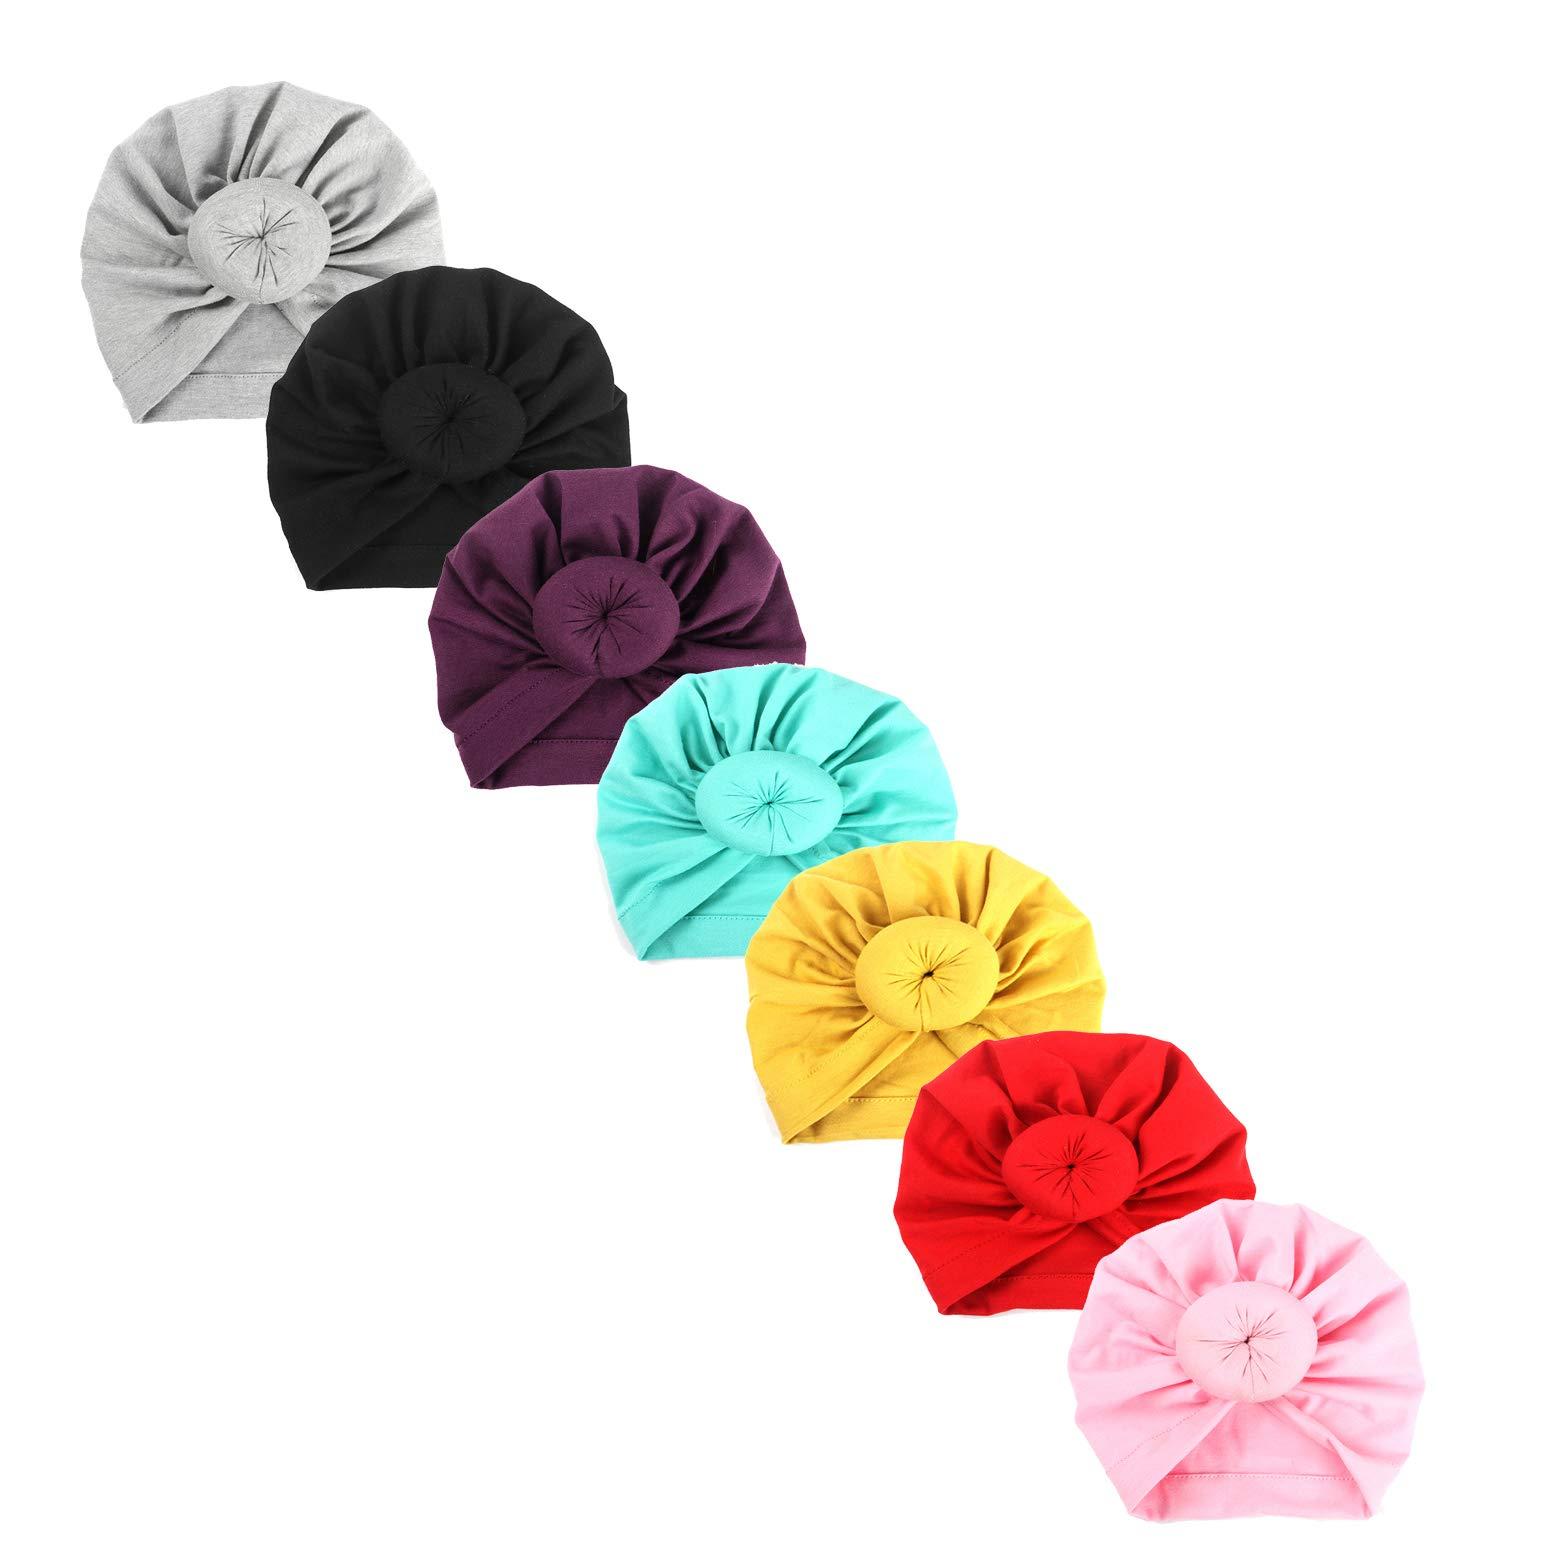 Upsmile Newborn Hospital Nursery Headwrap